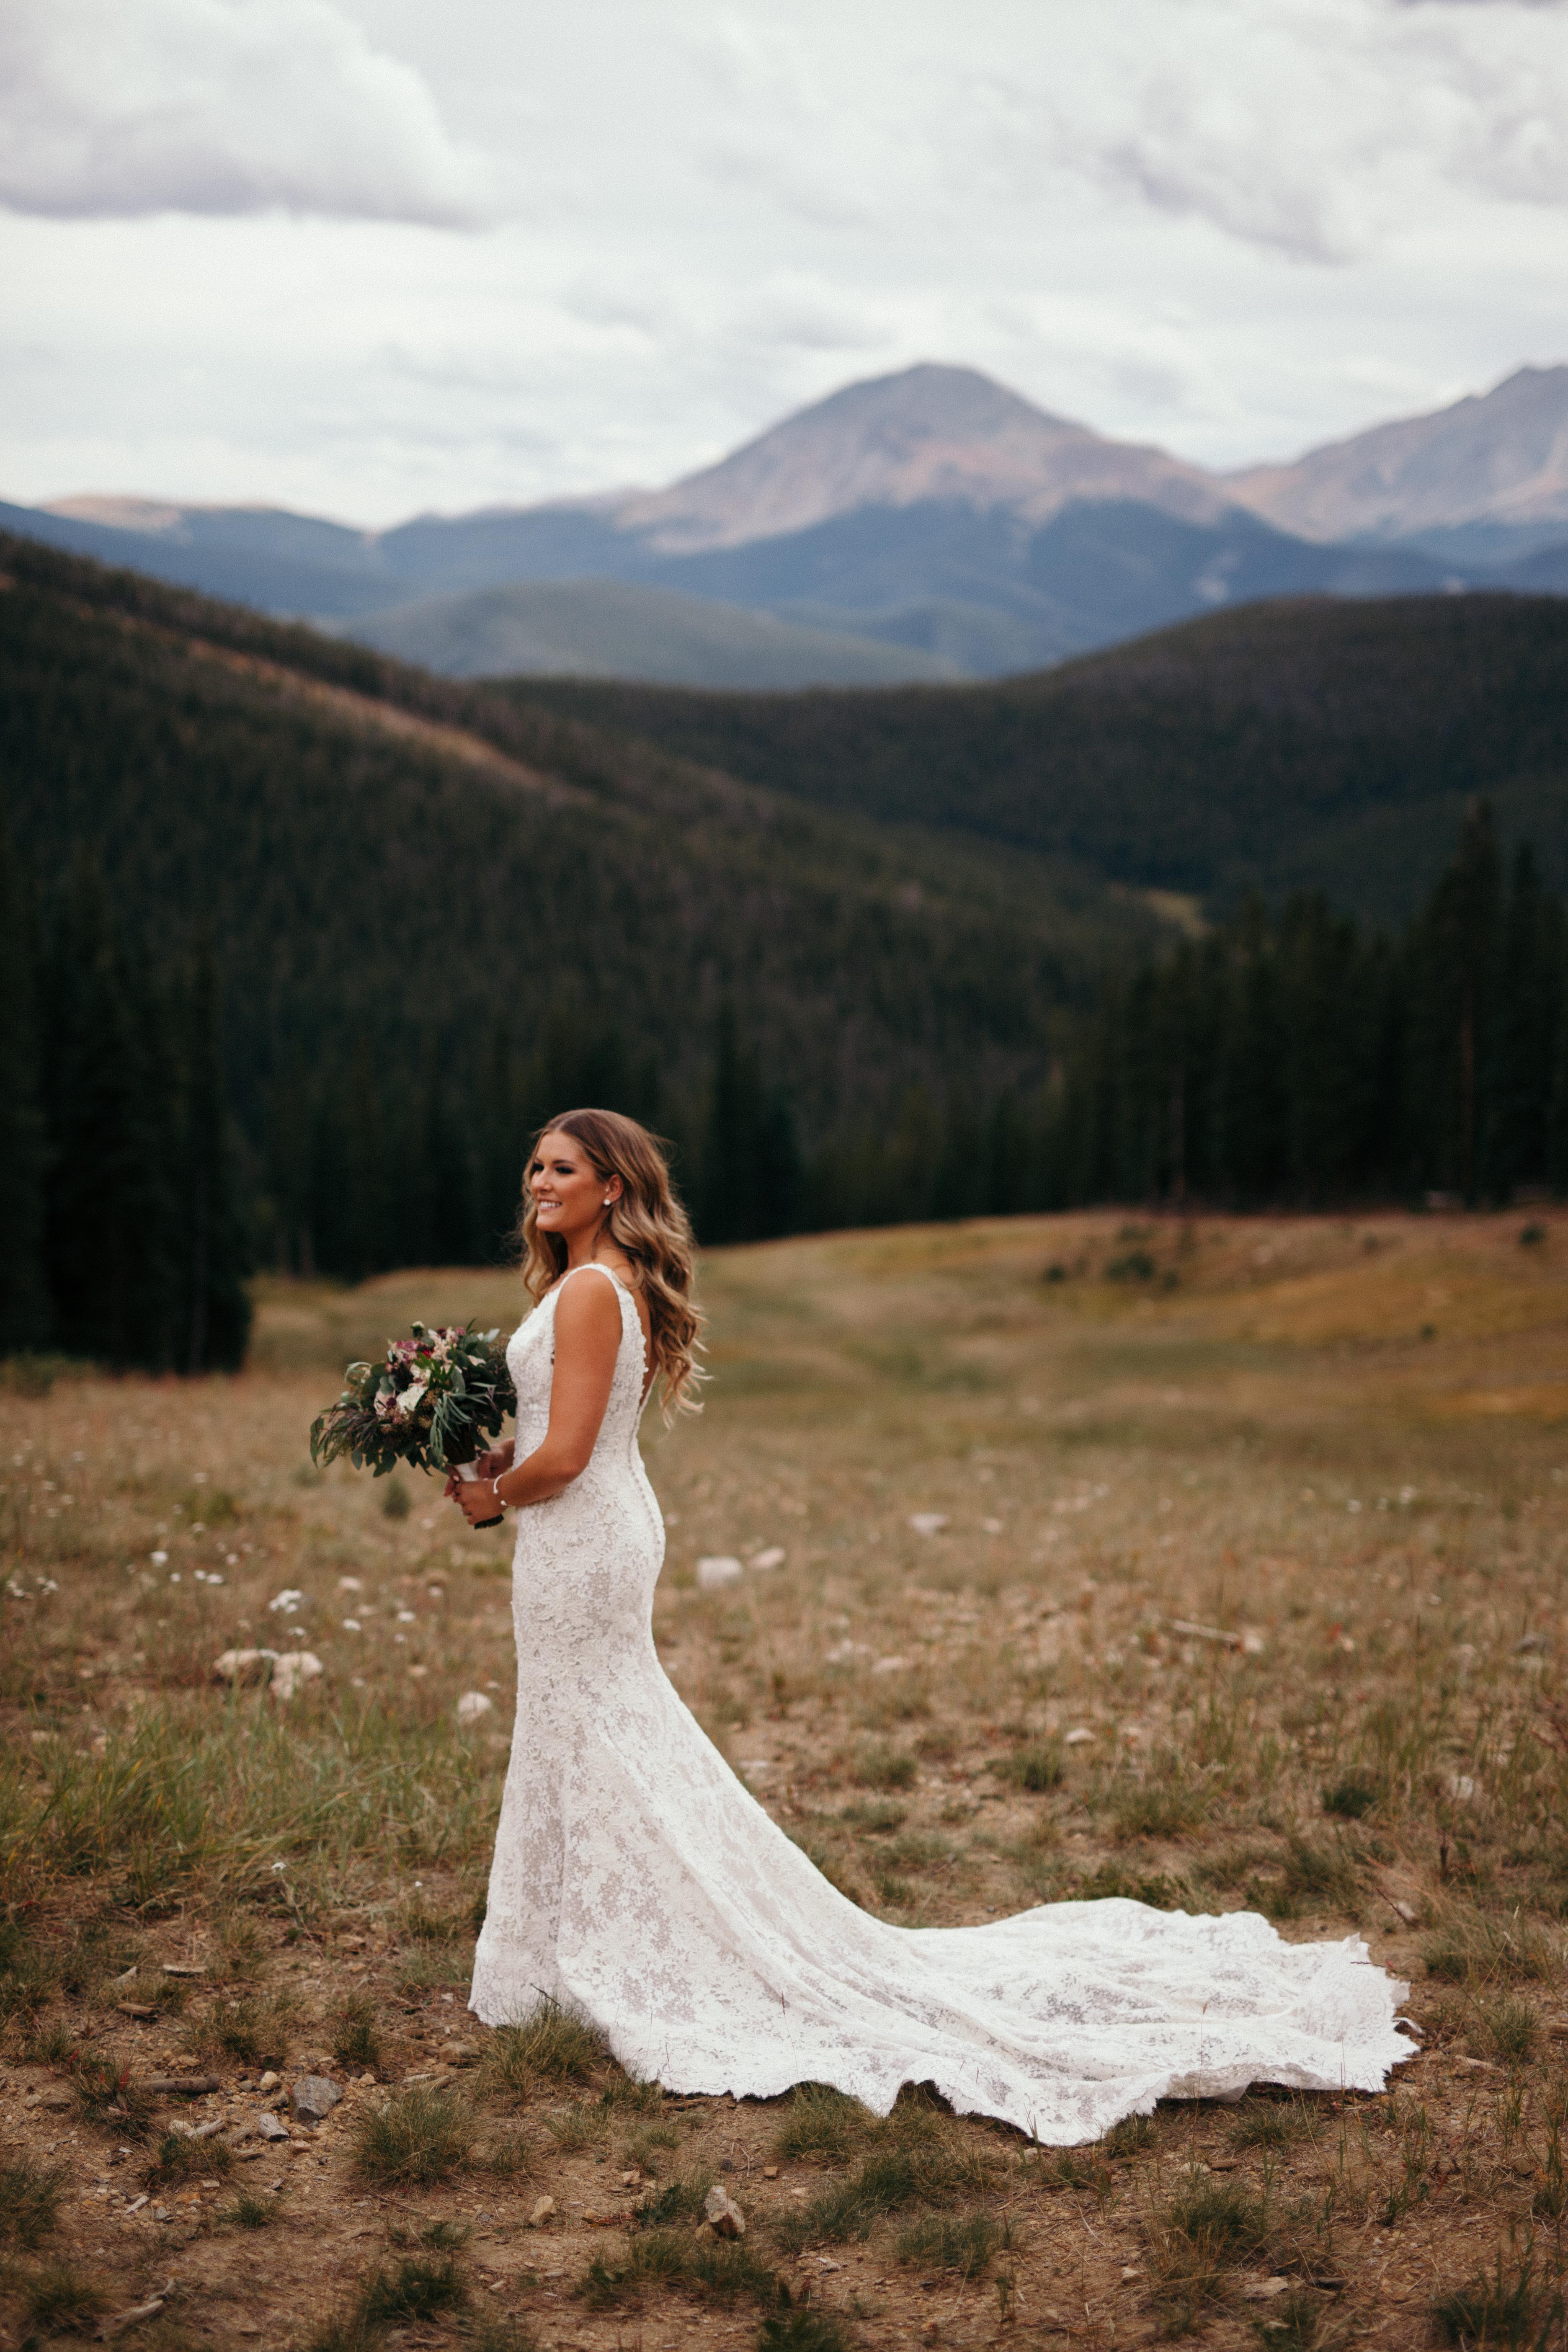 Cassie Rosch Photography